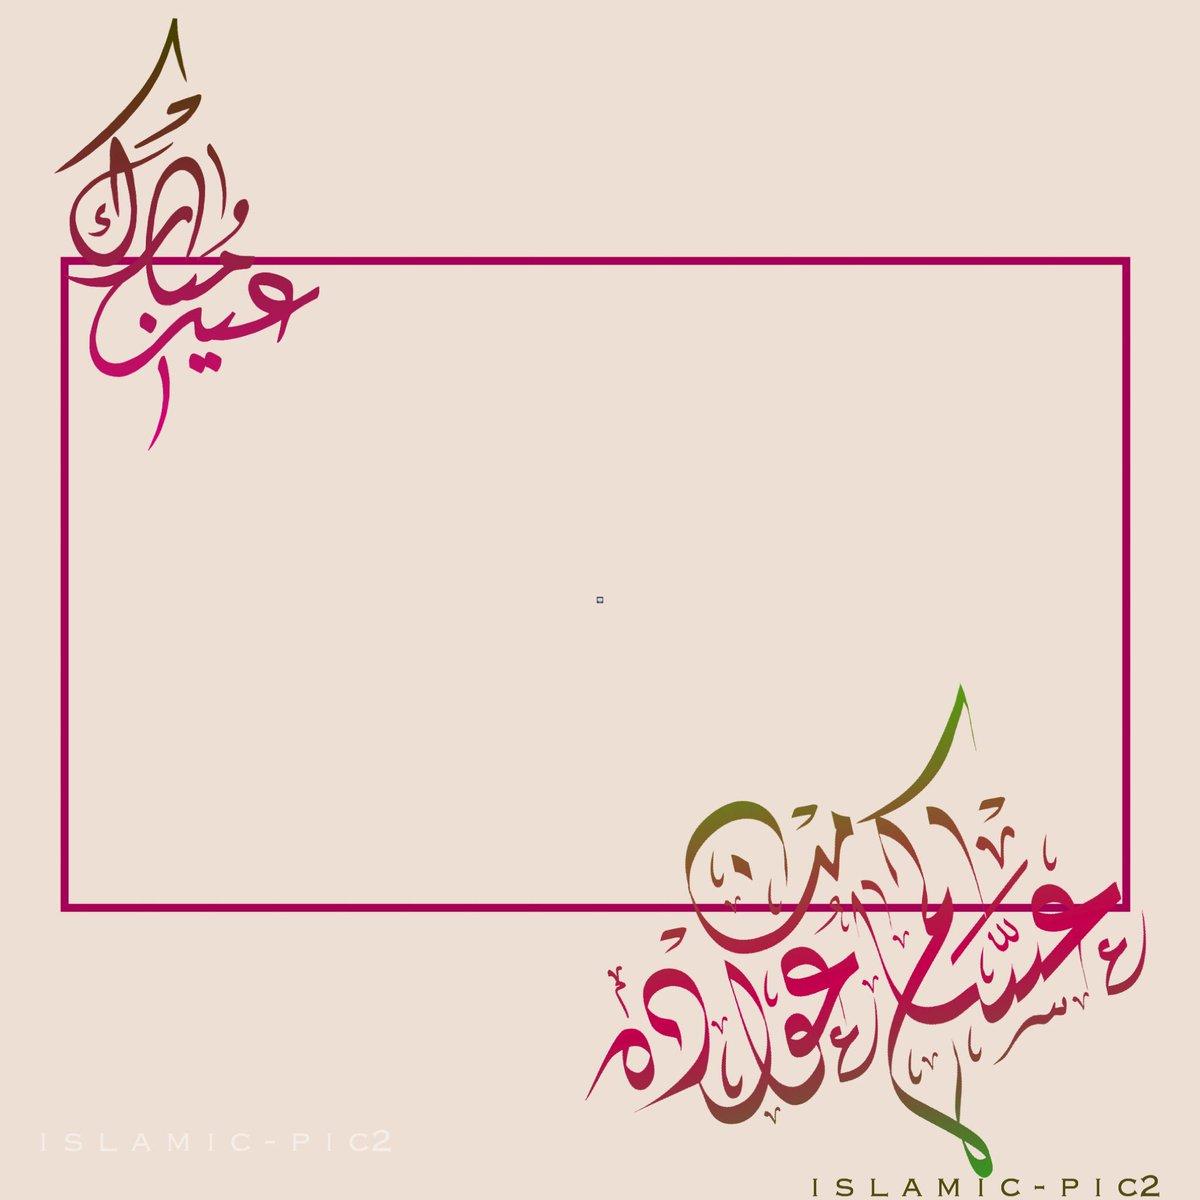 بطاقات تهنئة رمضان بأسمك بطاقة تهنئة مع الاسم موقع كلمات